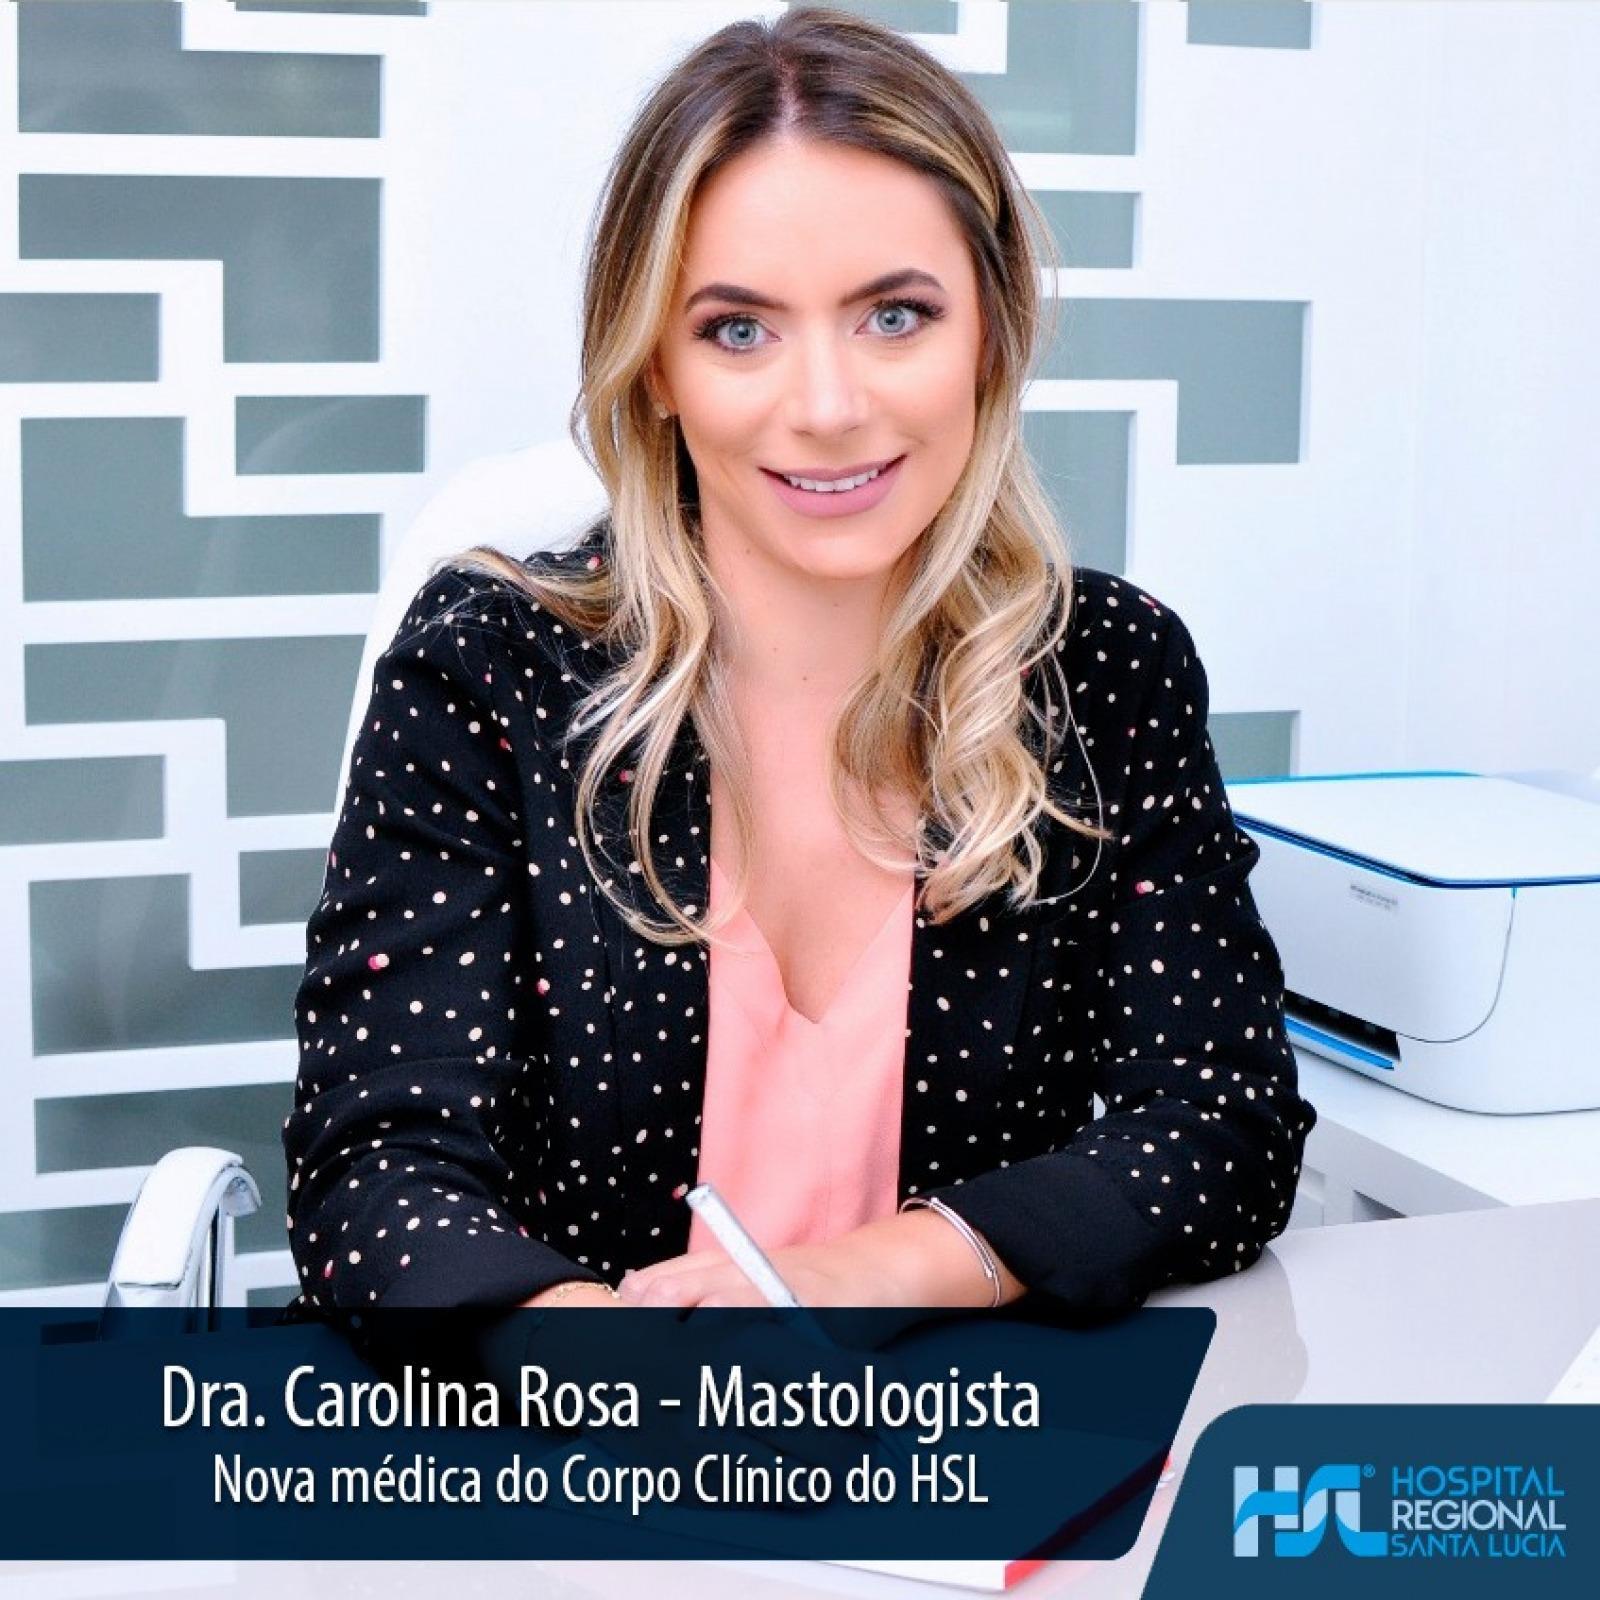 Dra. Carolina Rosa é especialista em Mastologia